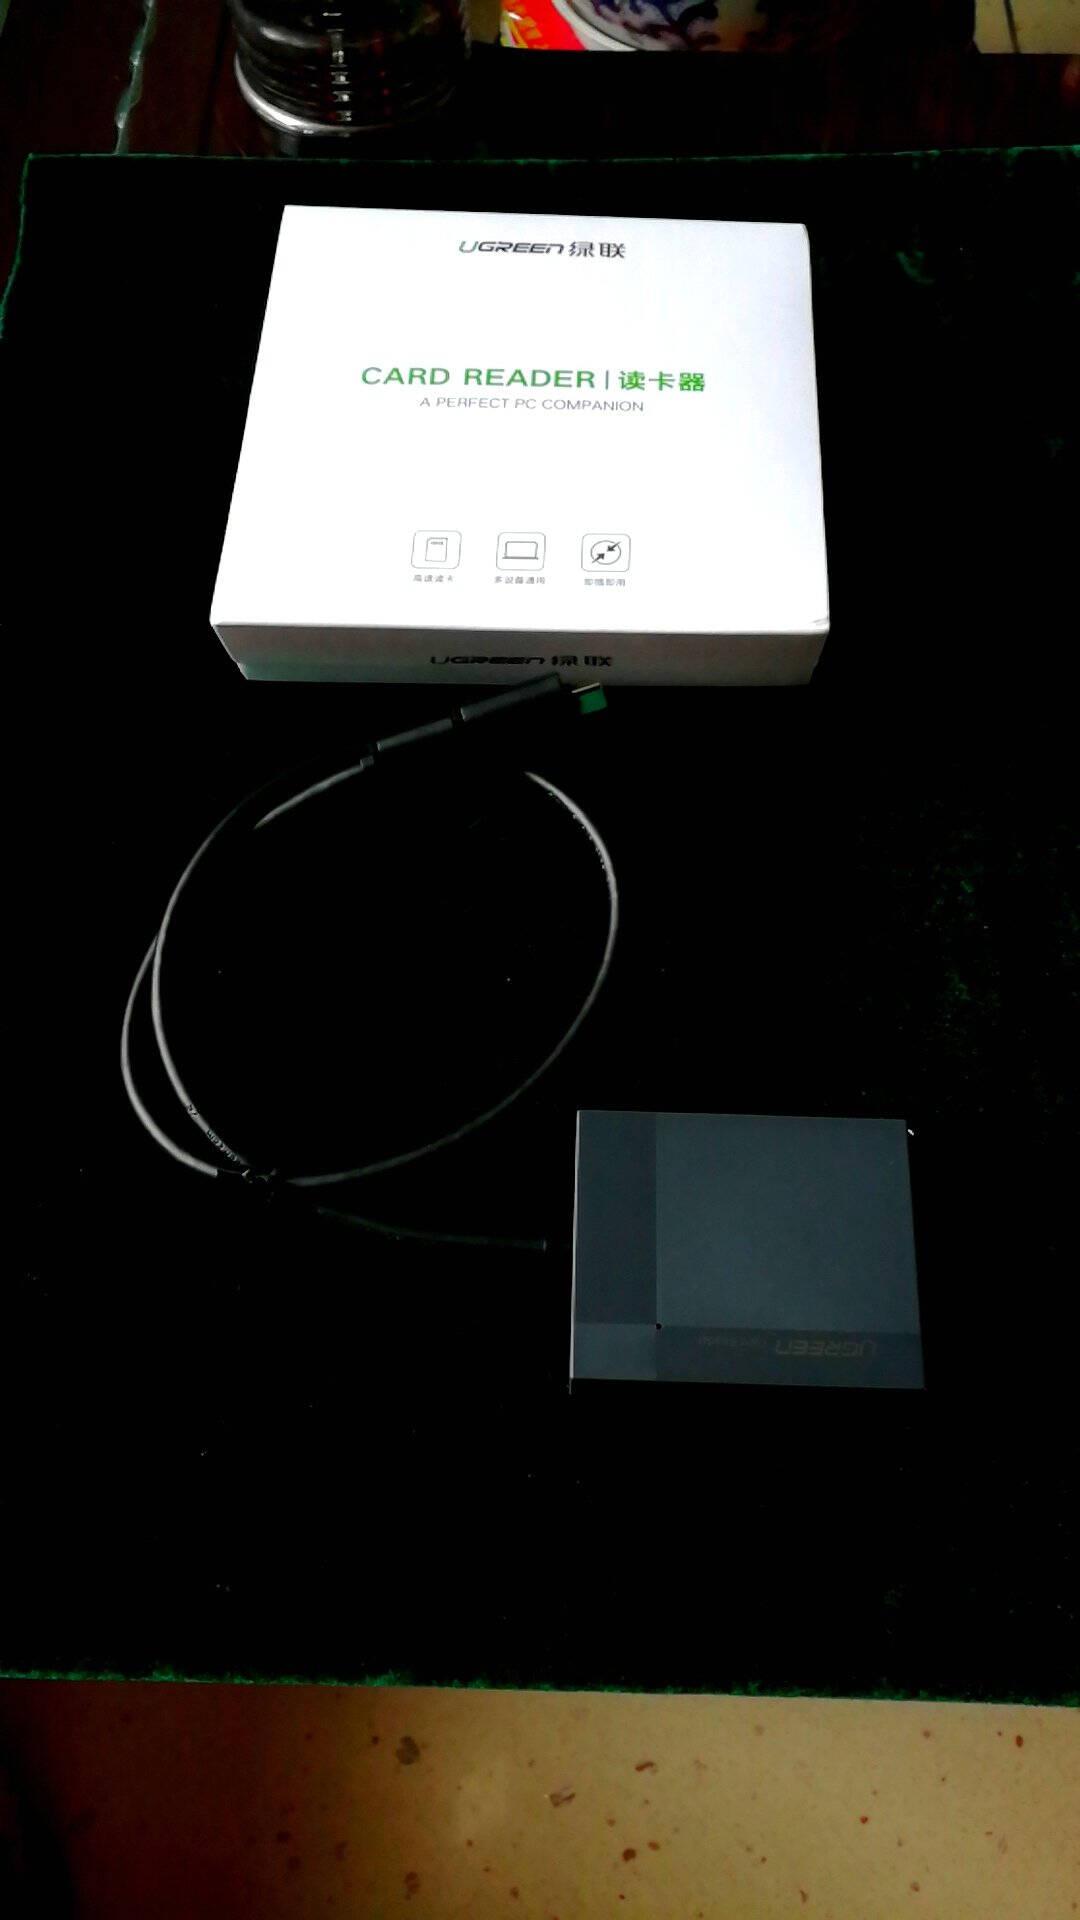 绿联USB-C3.0读卡器多合一带Type-COTG支持SD/TF/CF/MS相机手机内存卡多卡多读带Type-COTG款